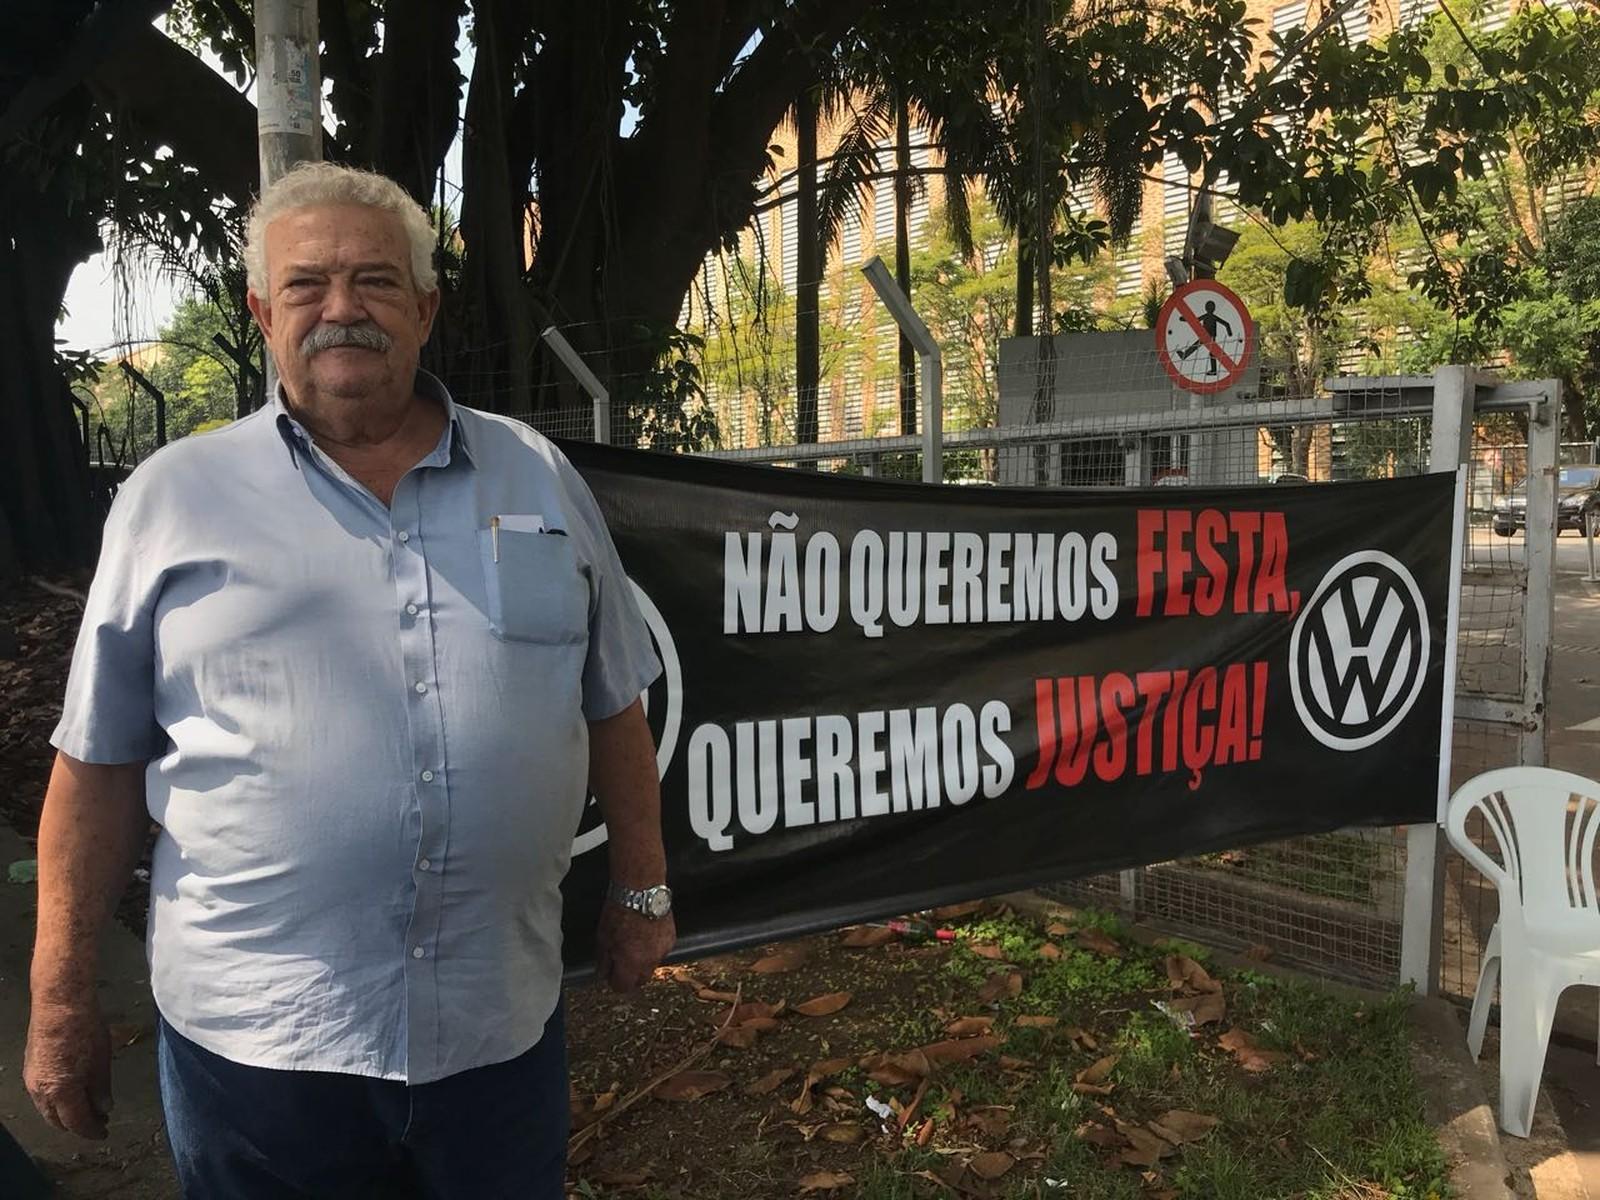 Relatório aponta que Volkswagen 'foi leal' ao governo da ditadura militar no Brasil